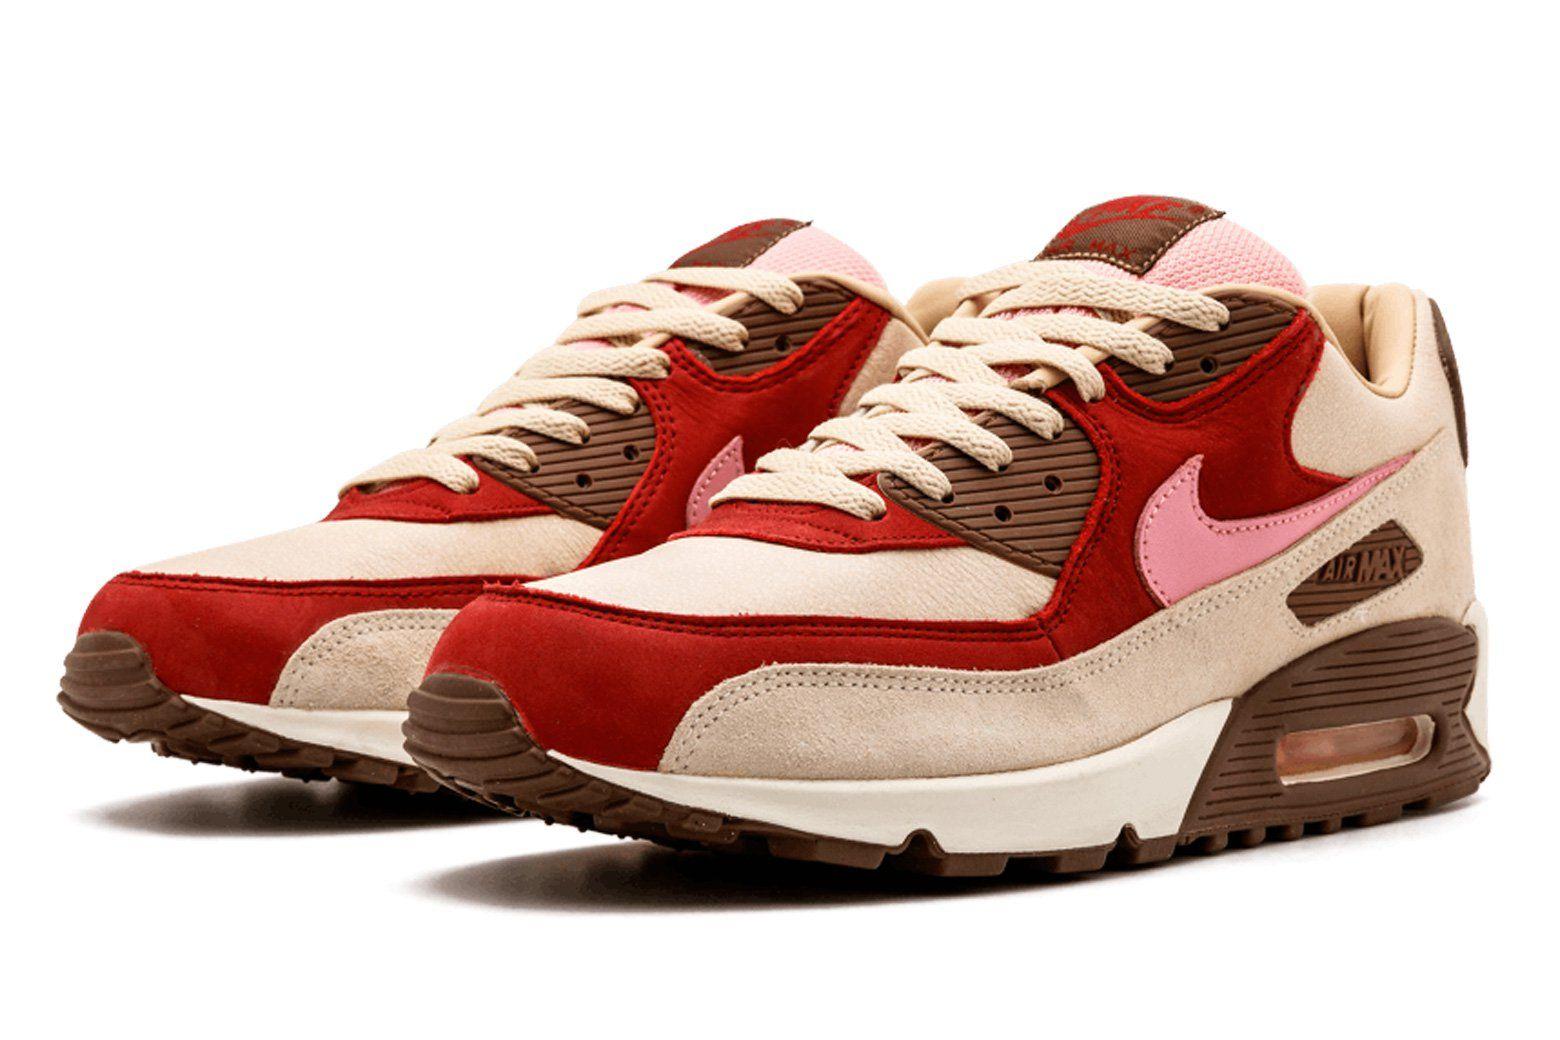 best website 3b721 1545e DQM x Nike Air Max 90